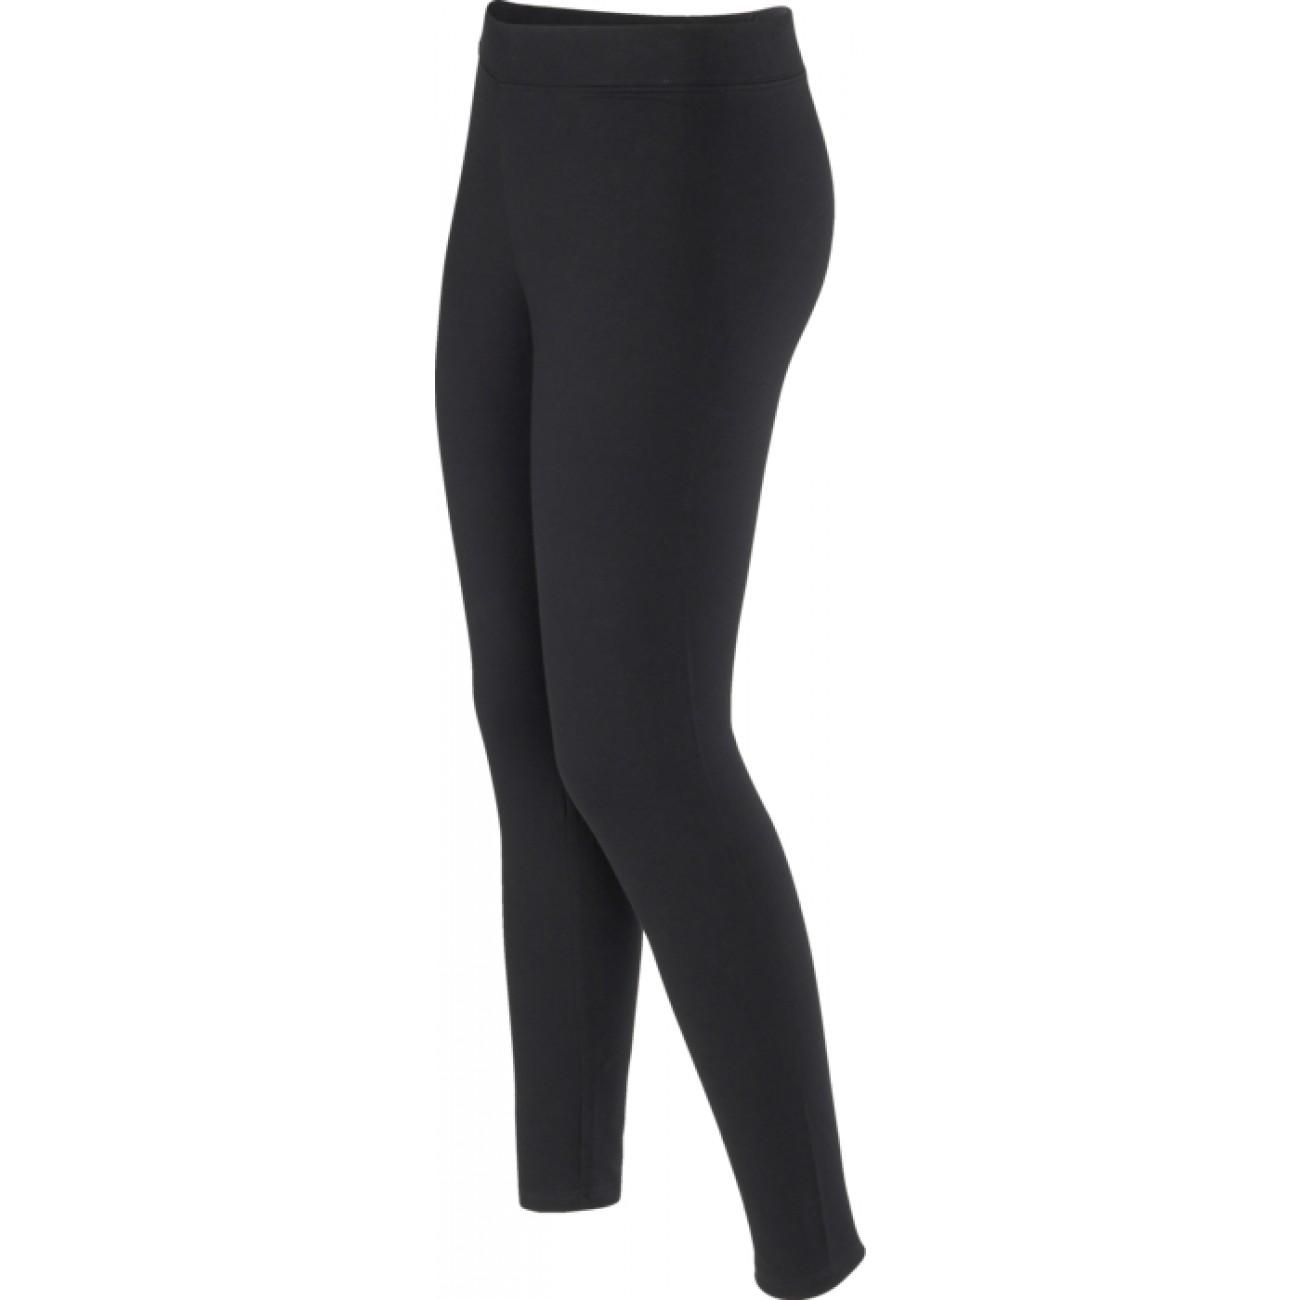 Legging polaire femme decathlon - Vetement fitness et mode 07f4feecc33